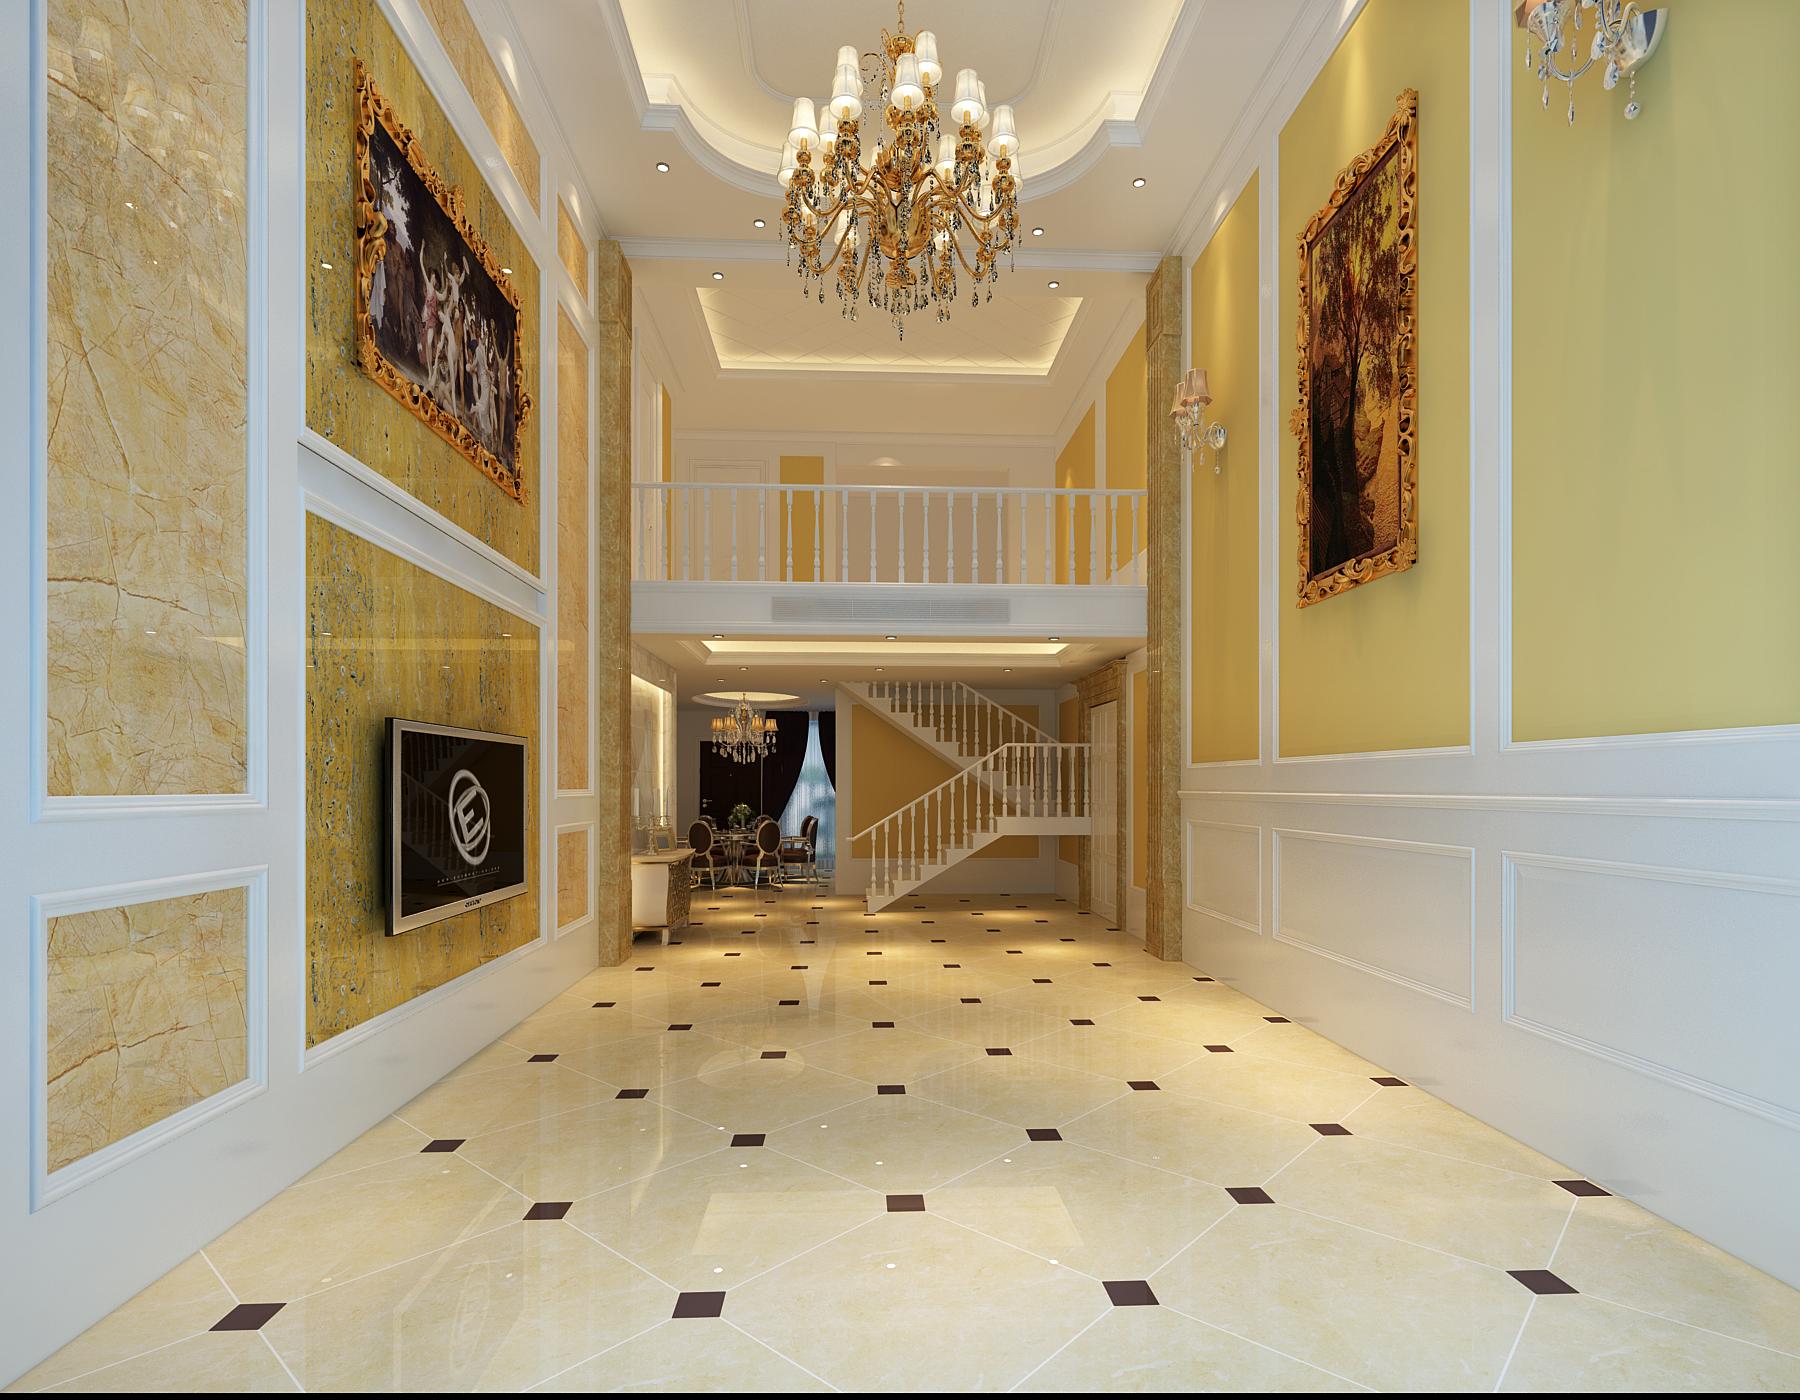 别墅 复式 楼梯图片来自武汉一号家居网装修在金地圣爱米伦385平欧式复式洋房的分享